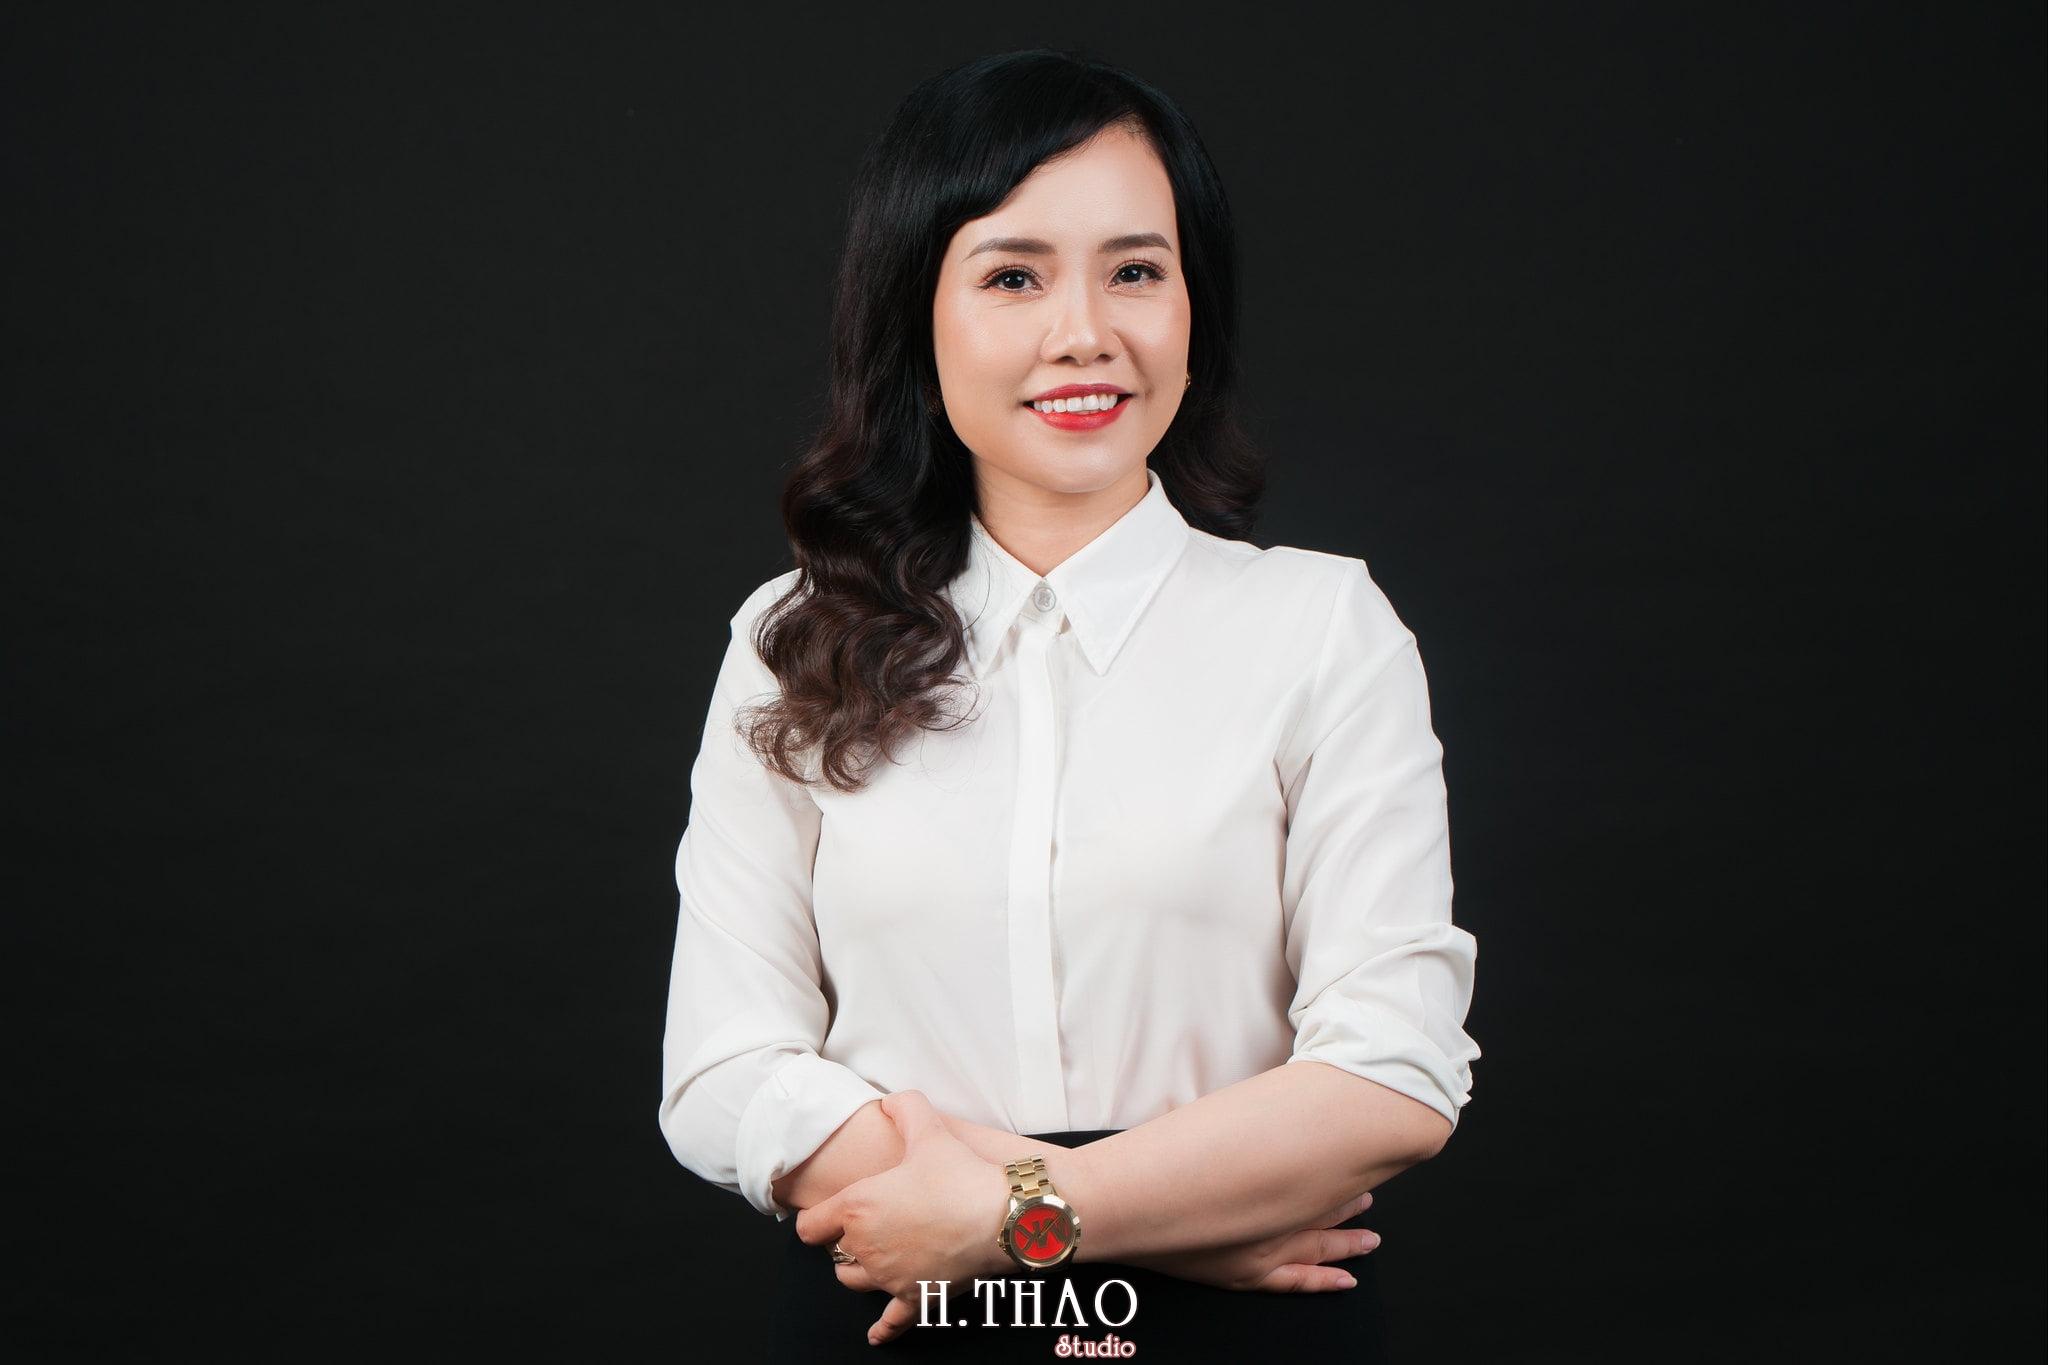 Thu Trang 12 - Chụp ảnh nữ doanh nhân Thu Trang tại HThao Studio – Tp.HCM